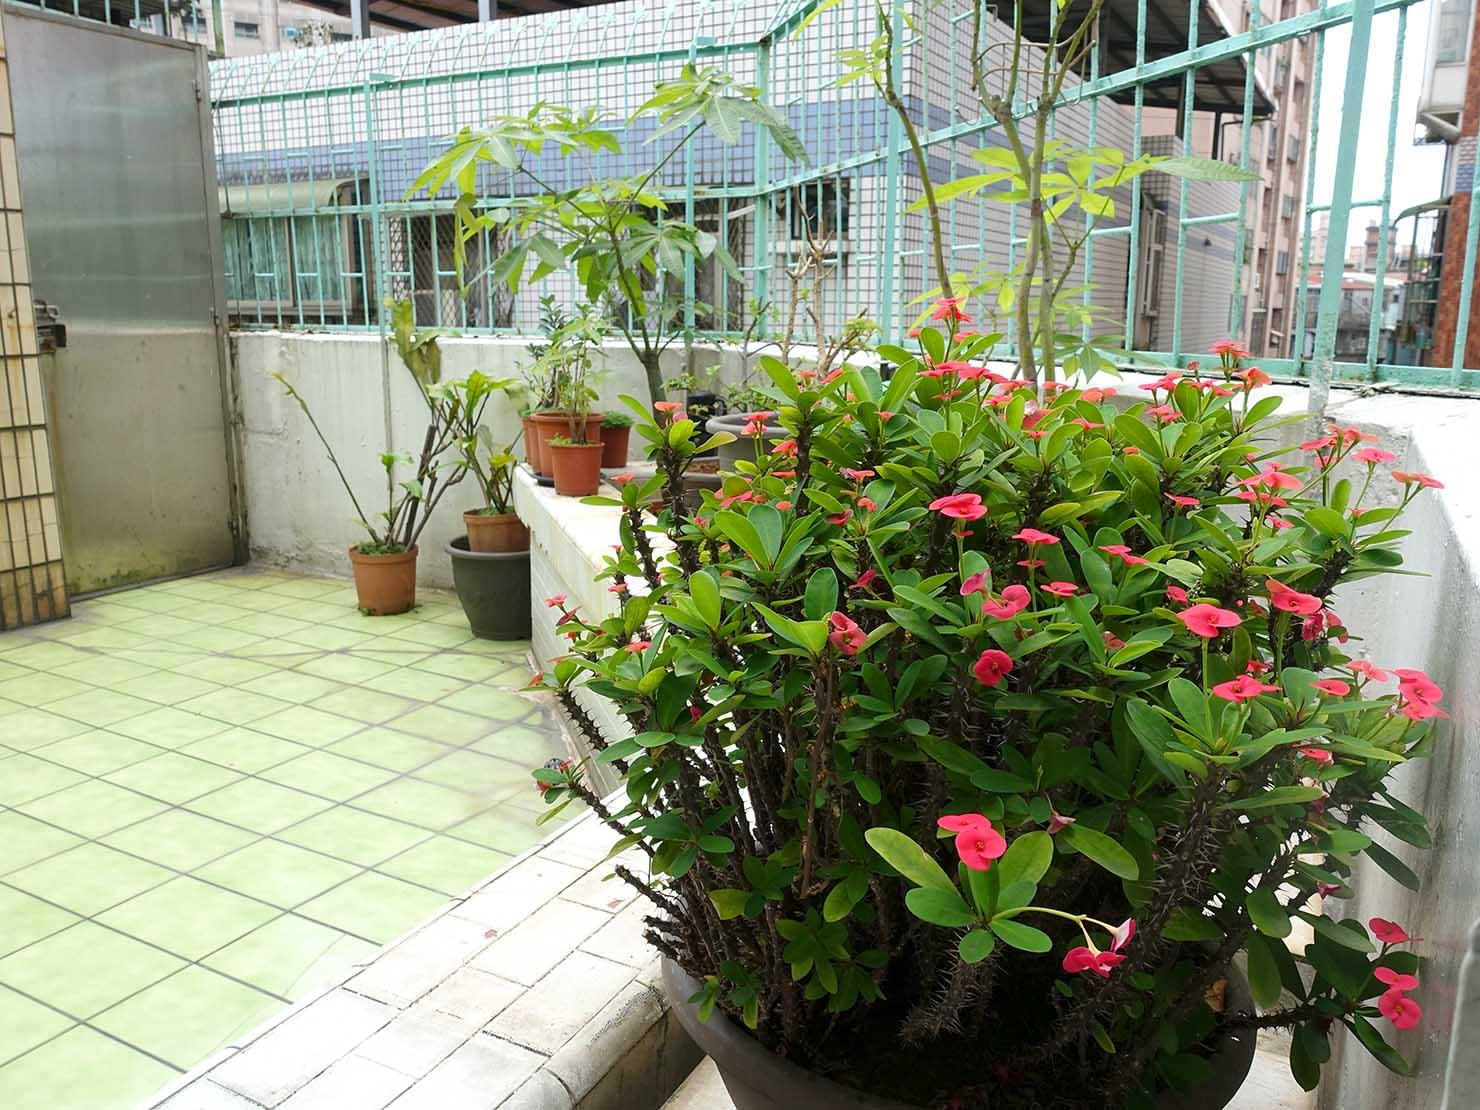 台北で台湾人彼氏と僕がルームシェアしている部屋のテラスにある鉢植え